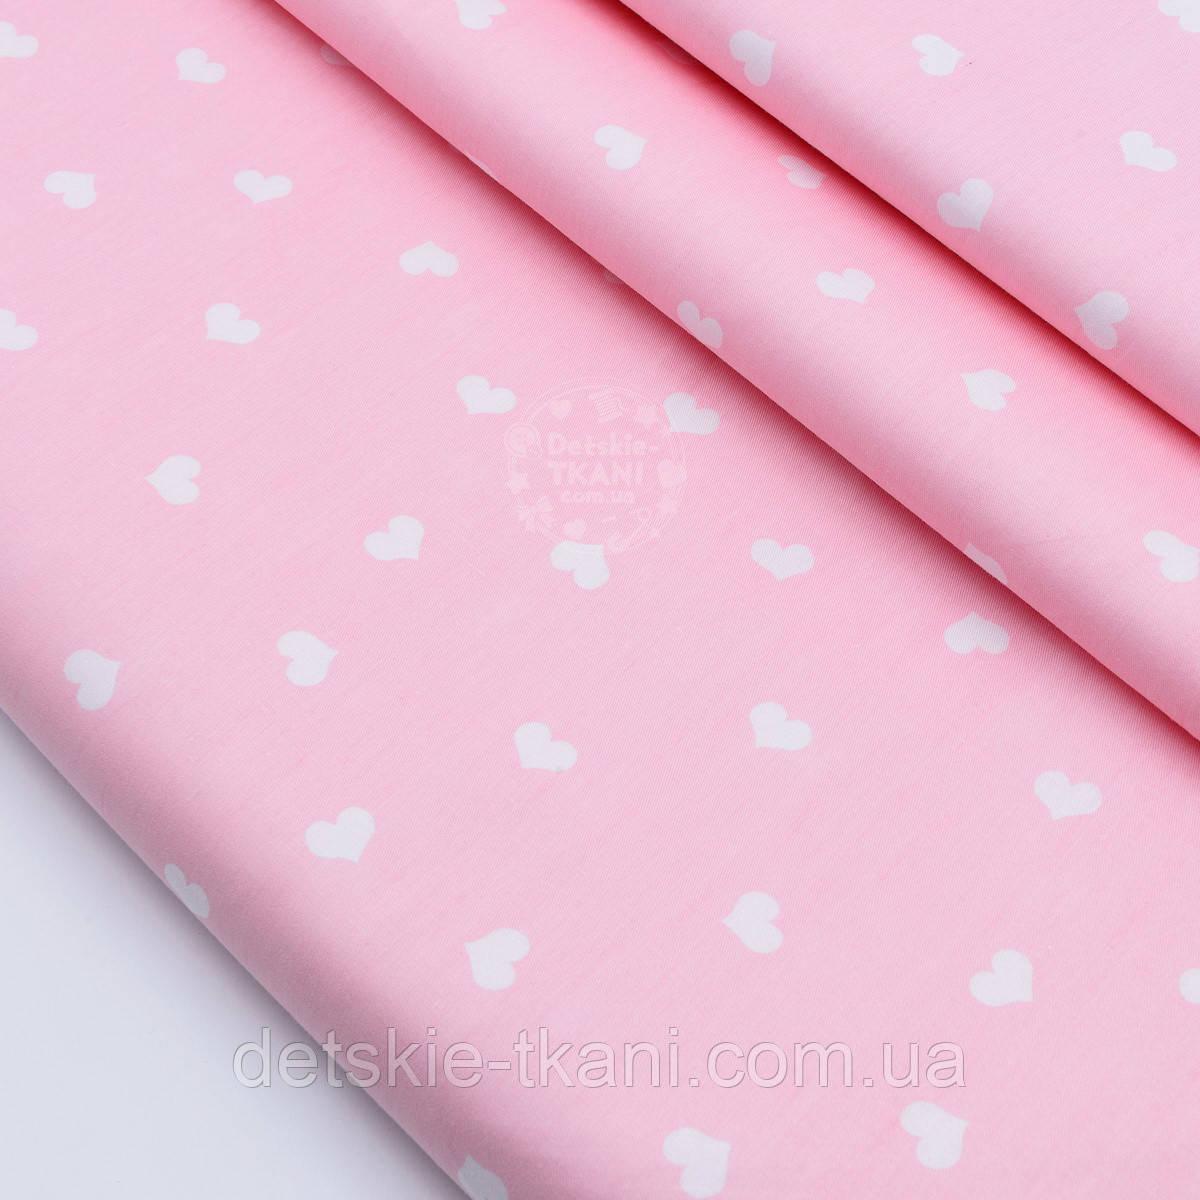 """Сатин """"Фігурні сердечка 14 мм"""" на рожевому № 1759с"""